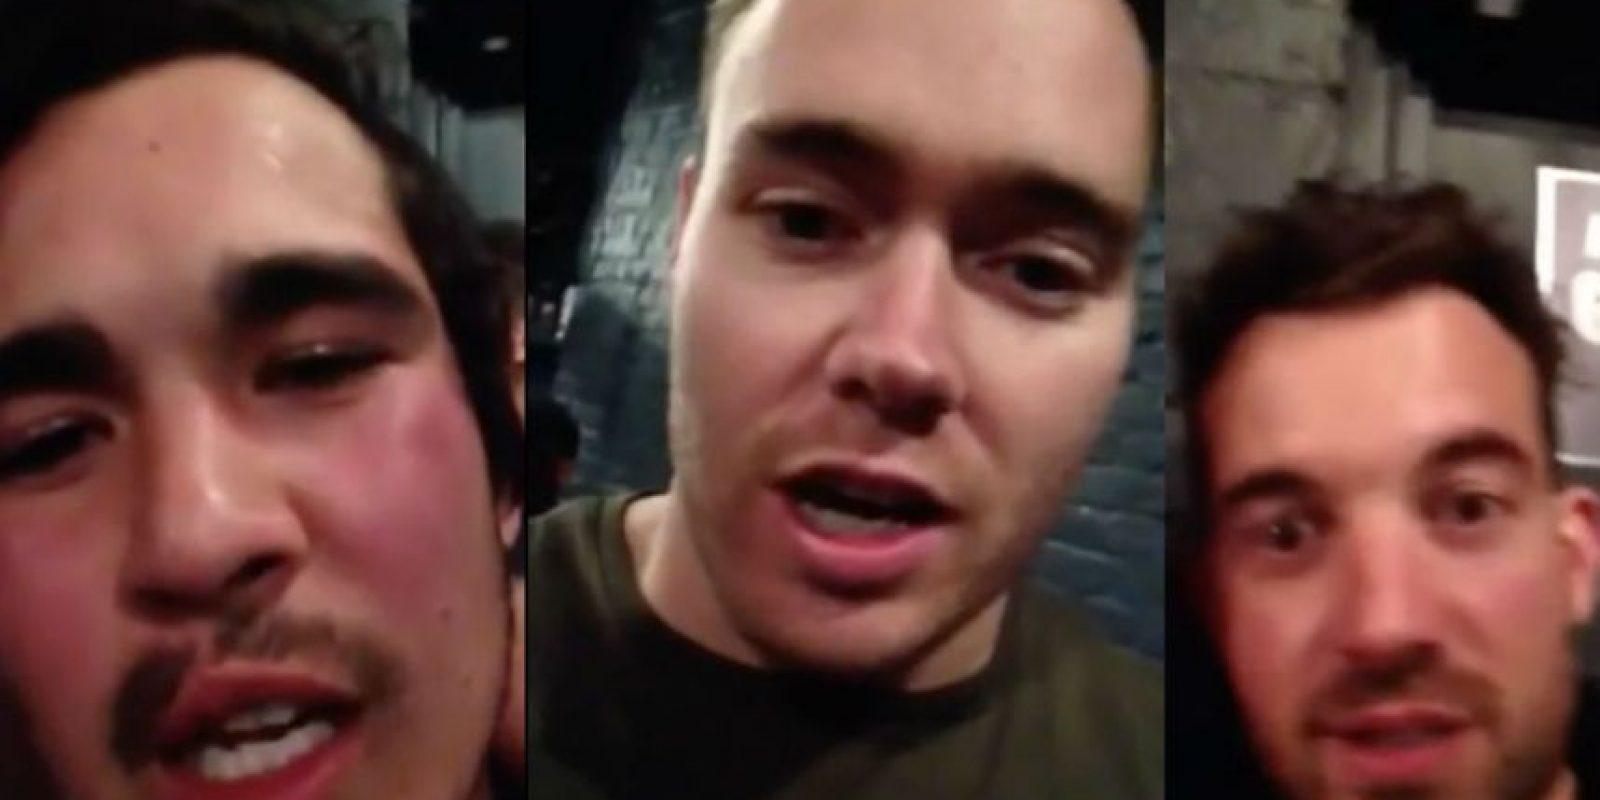 Esto es lo que puede suceder si olvidan su smartphone en un bar. Foto:duckhouse21 / YouTube